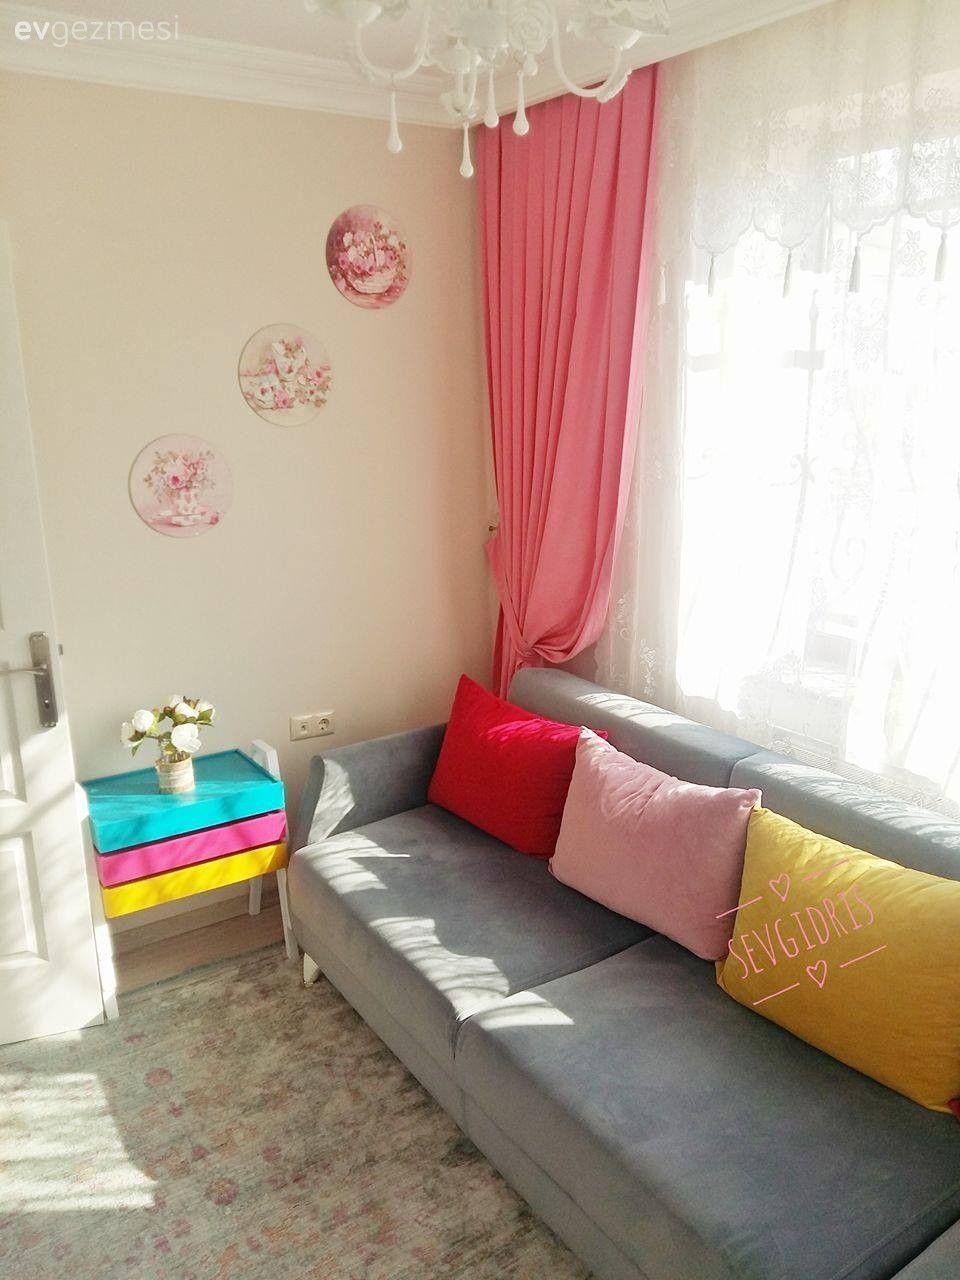 Evlerde bahar renkleri dekorasyonu